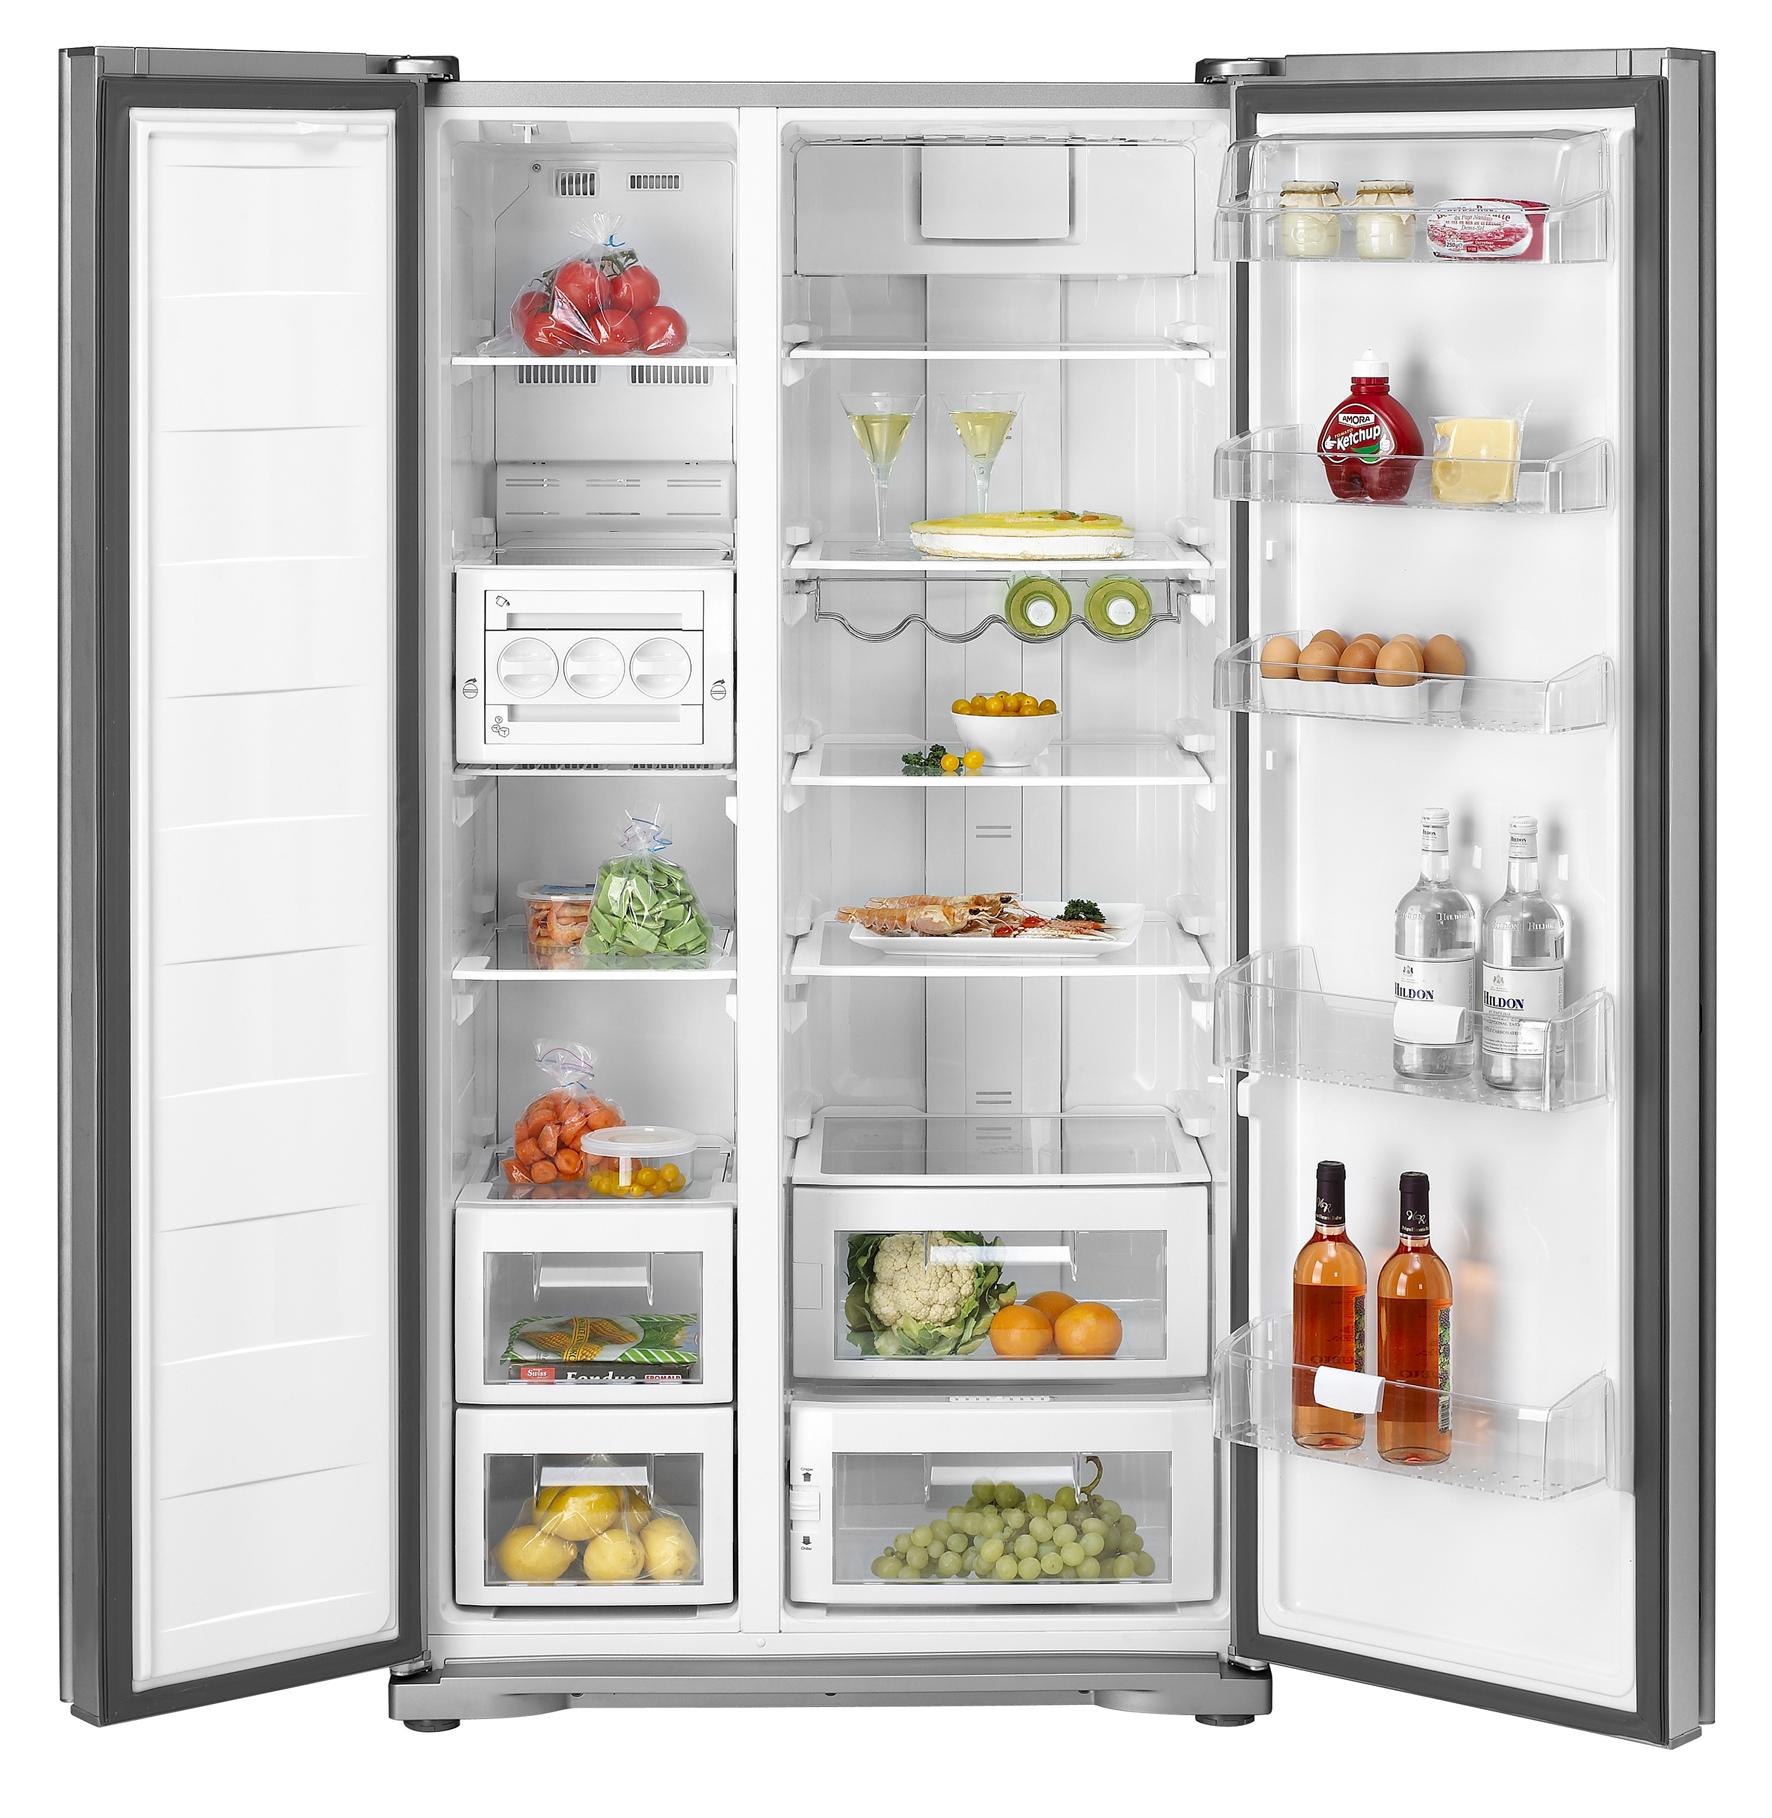 tu lanh side by side1 13 mẹo tiết kiệm điện cho tủ lạnh